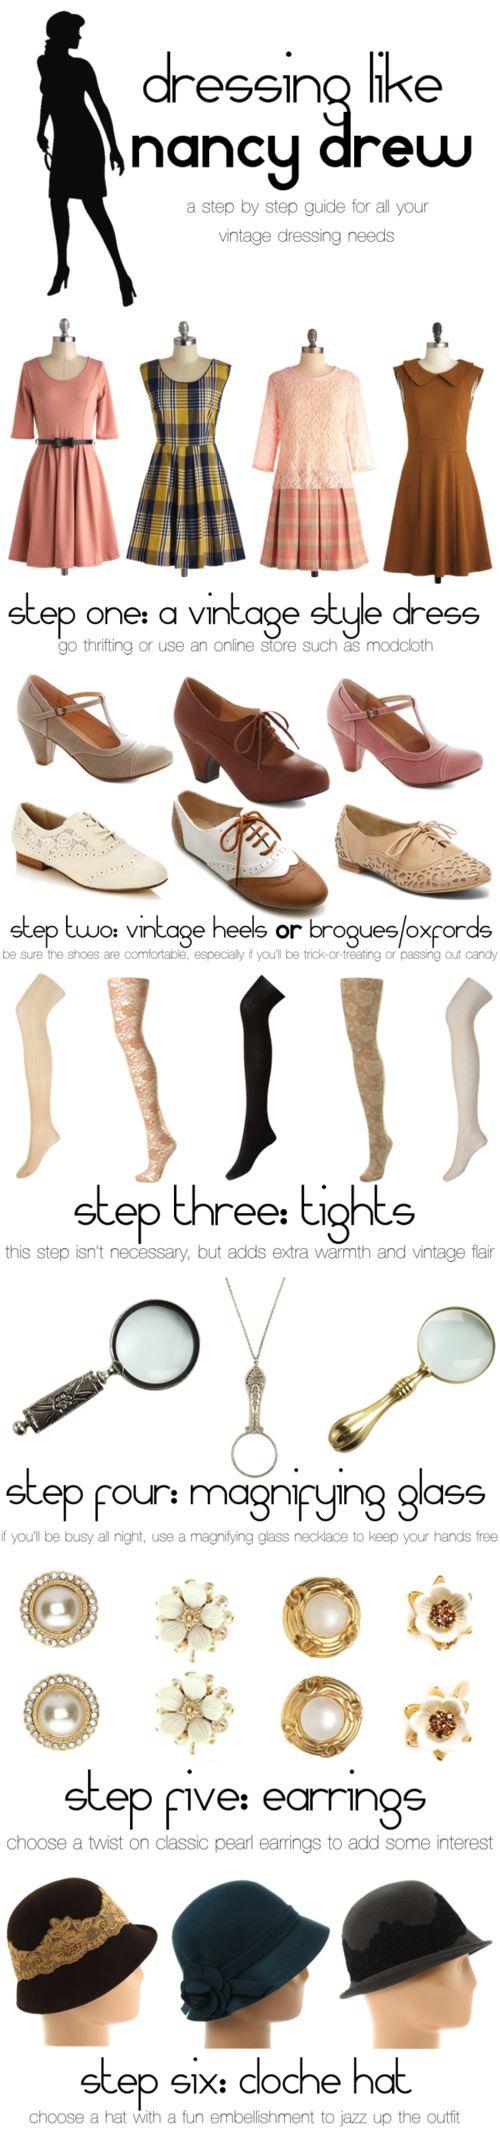 How To Dress Like Vintage Nancy Drew